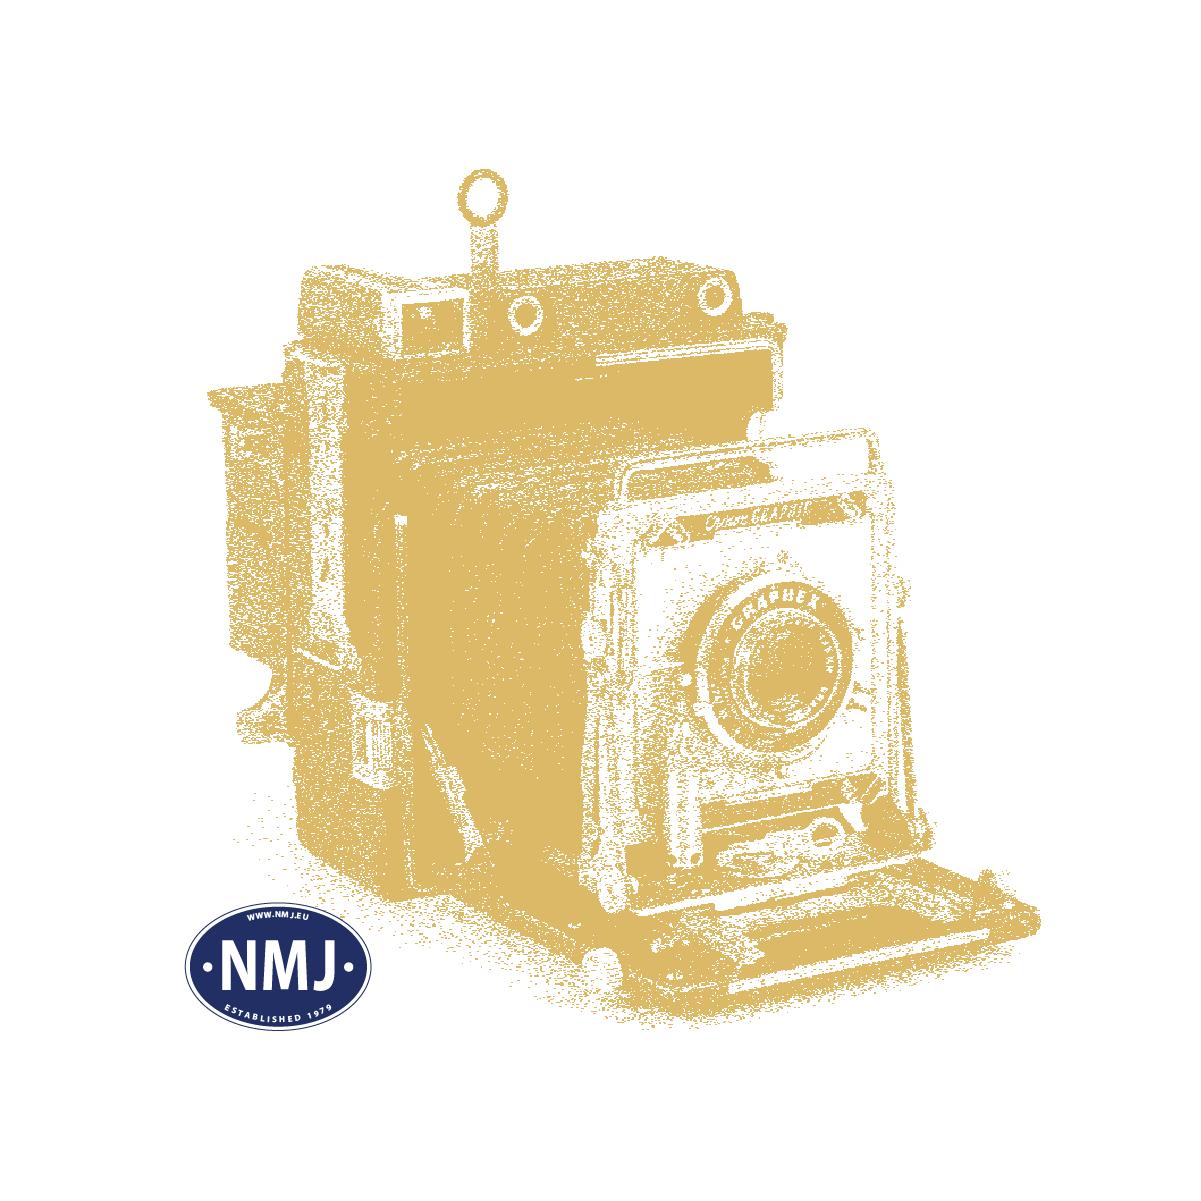 NMJT83.113 - NMJ Topline NSB Skd 224.223, Rødbrun, DCC Digital